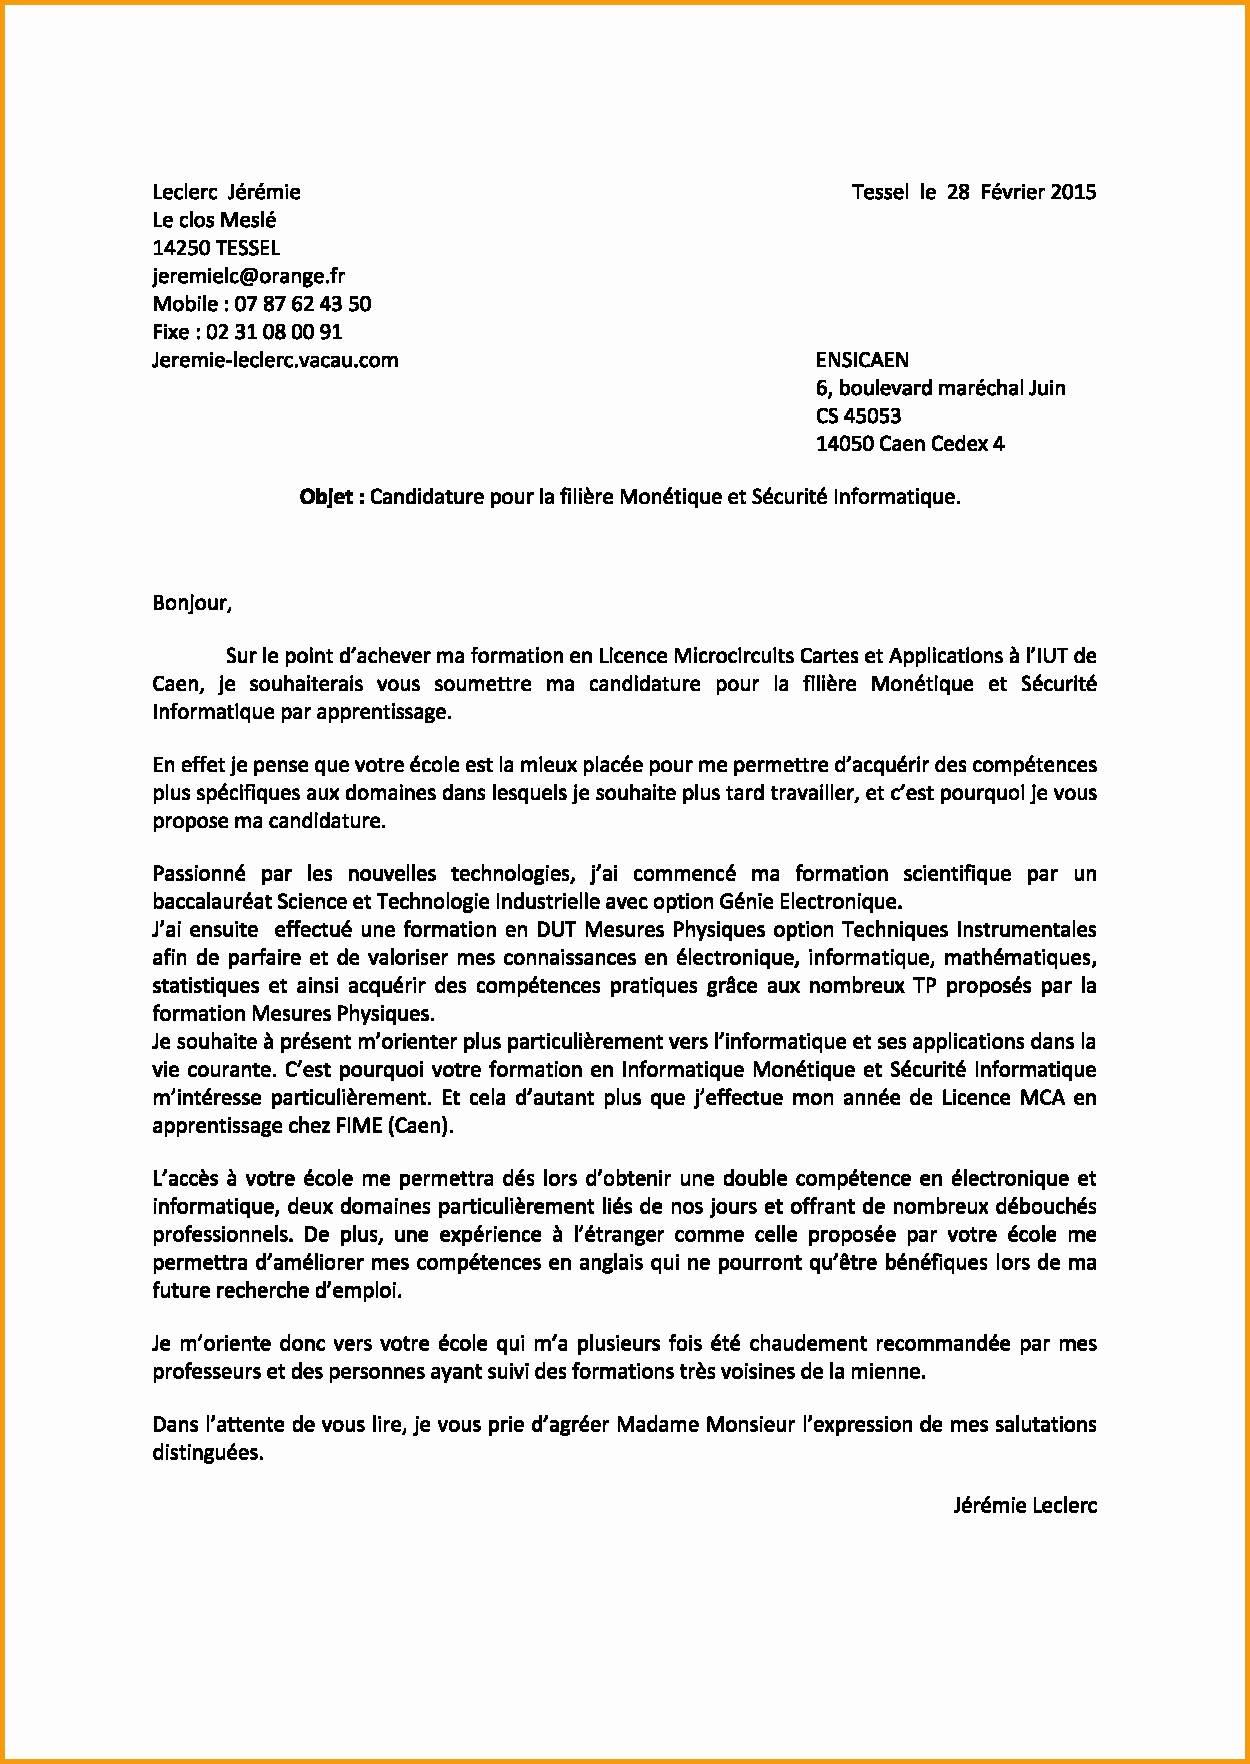 lettre de motivation mediapost